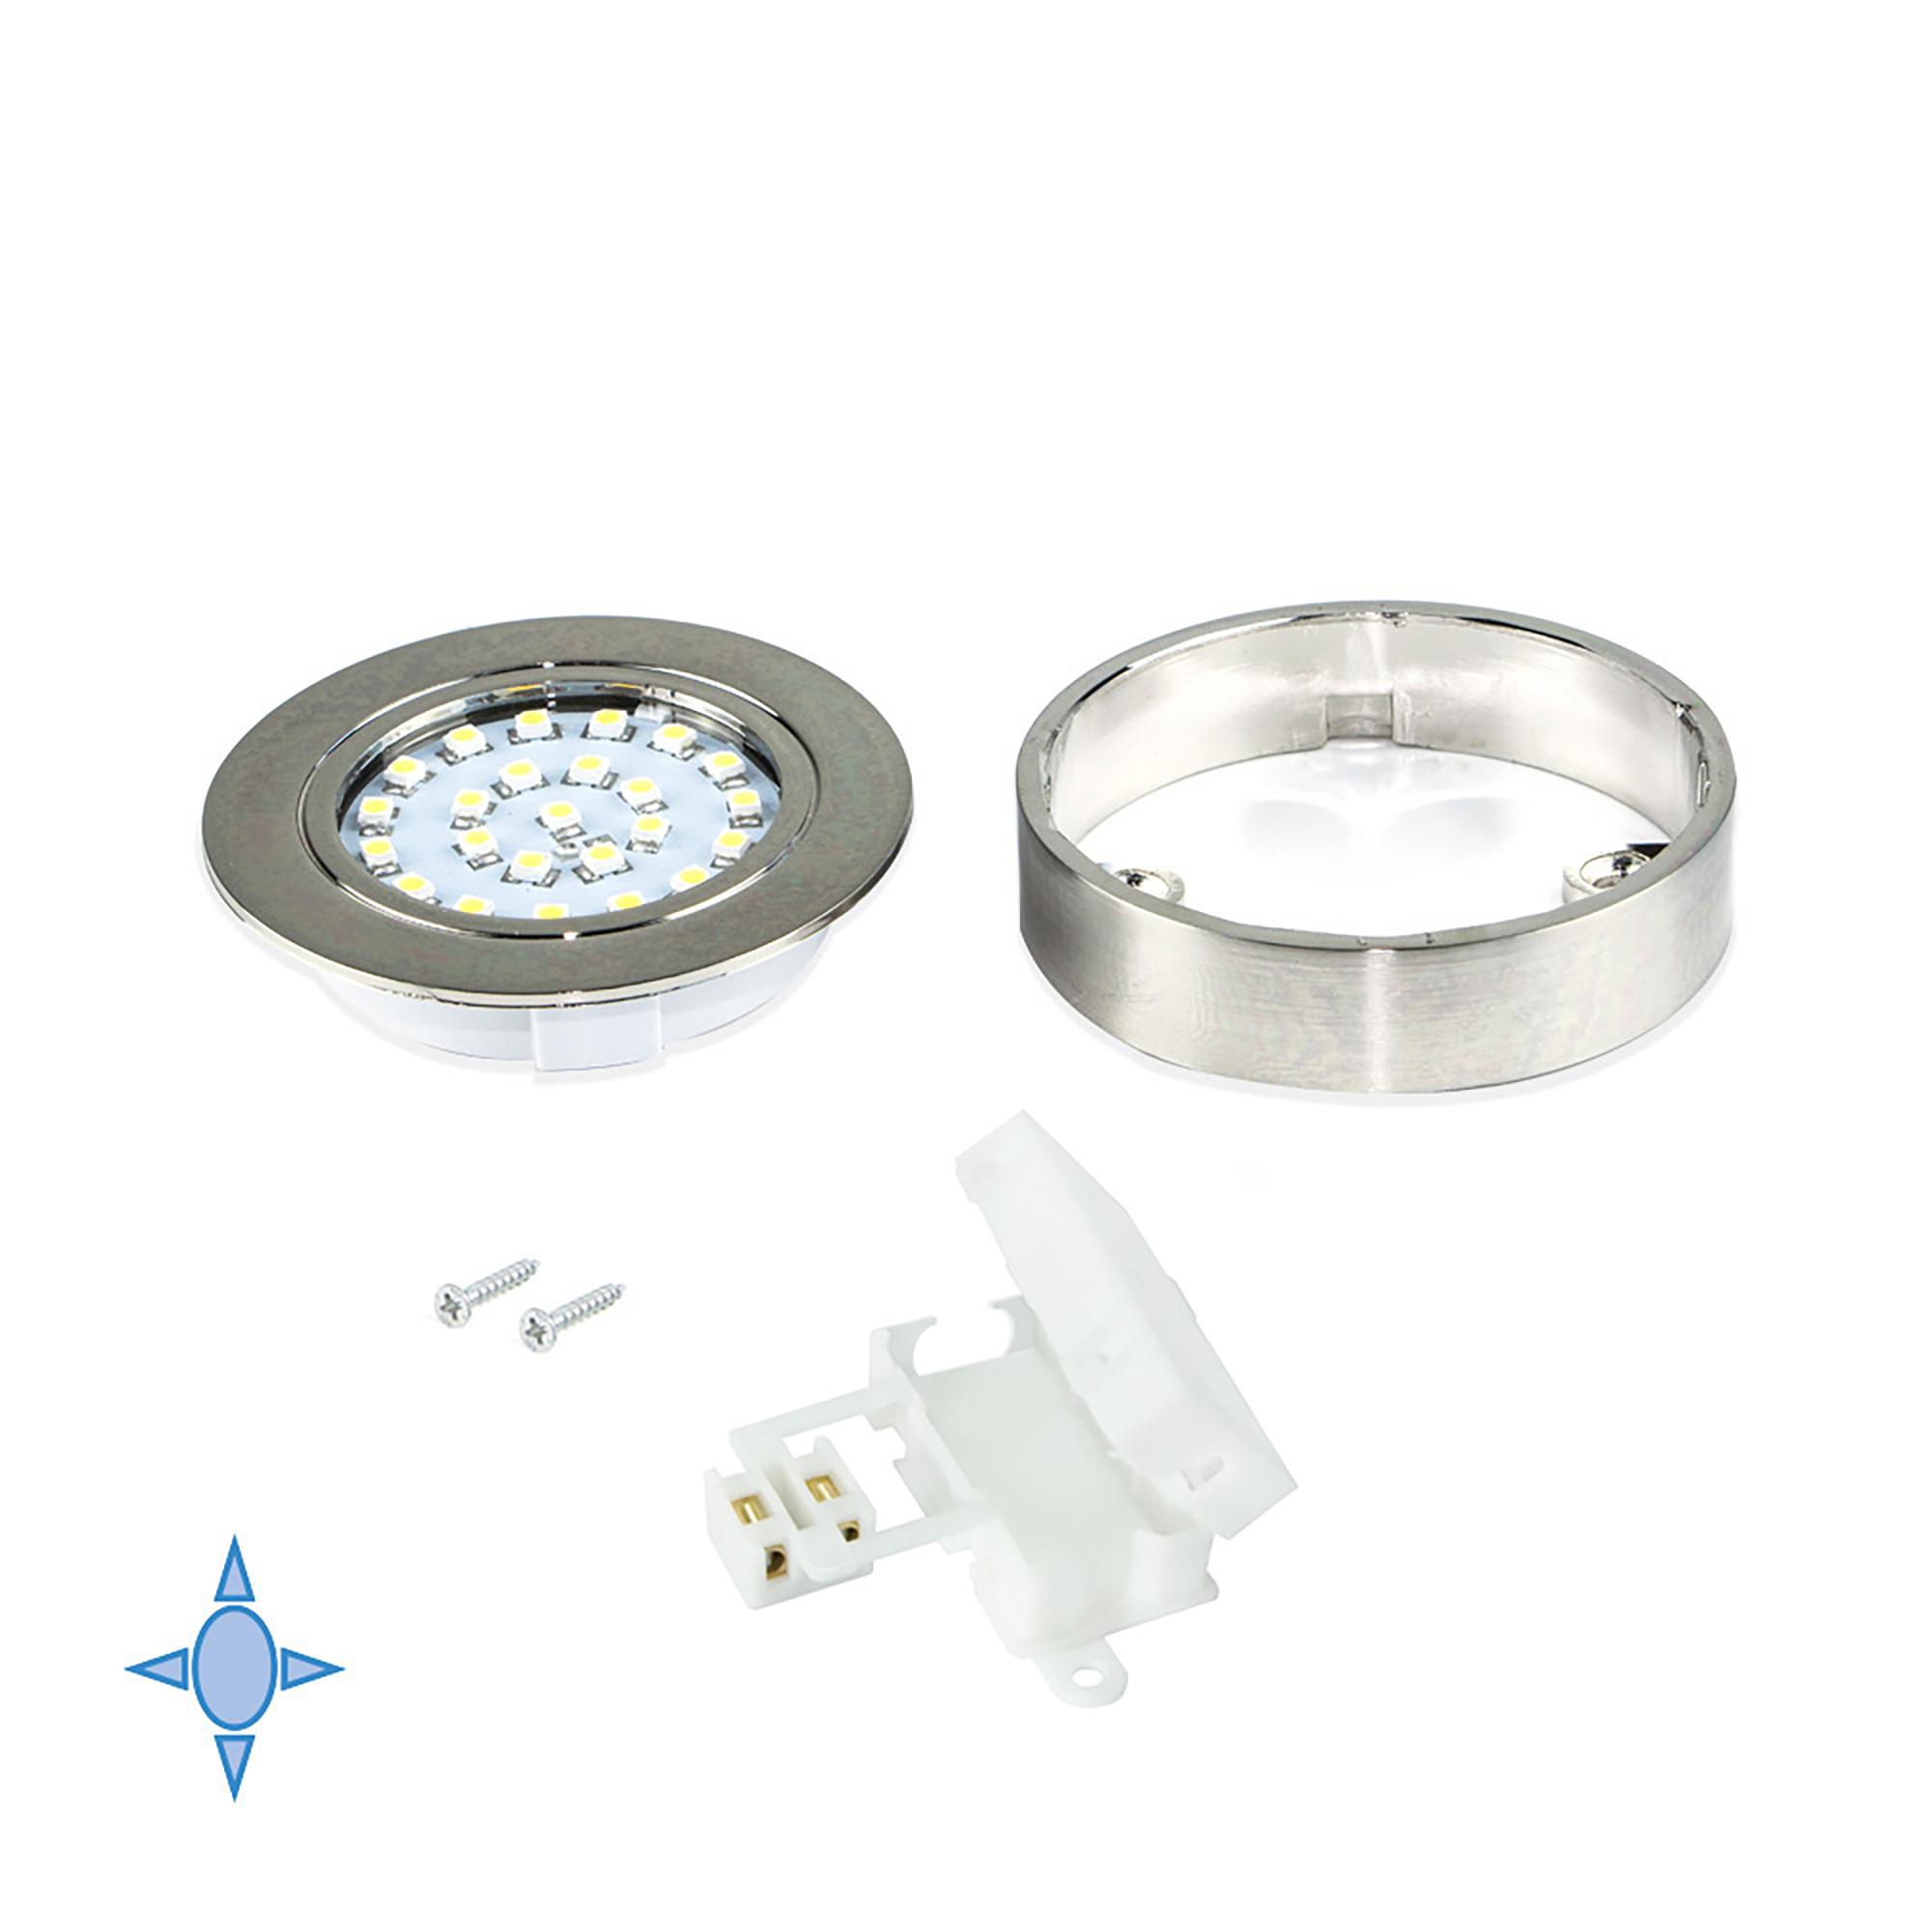 Emuca Faretto LED con supporto, D. 65 mm, Luce bianca fredda, Plastica, Nichel satinato